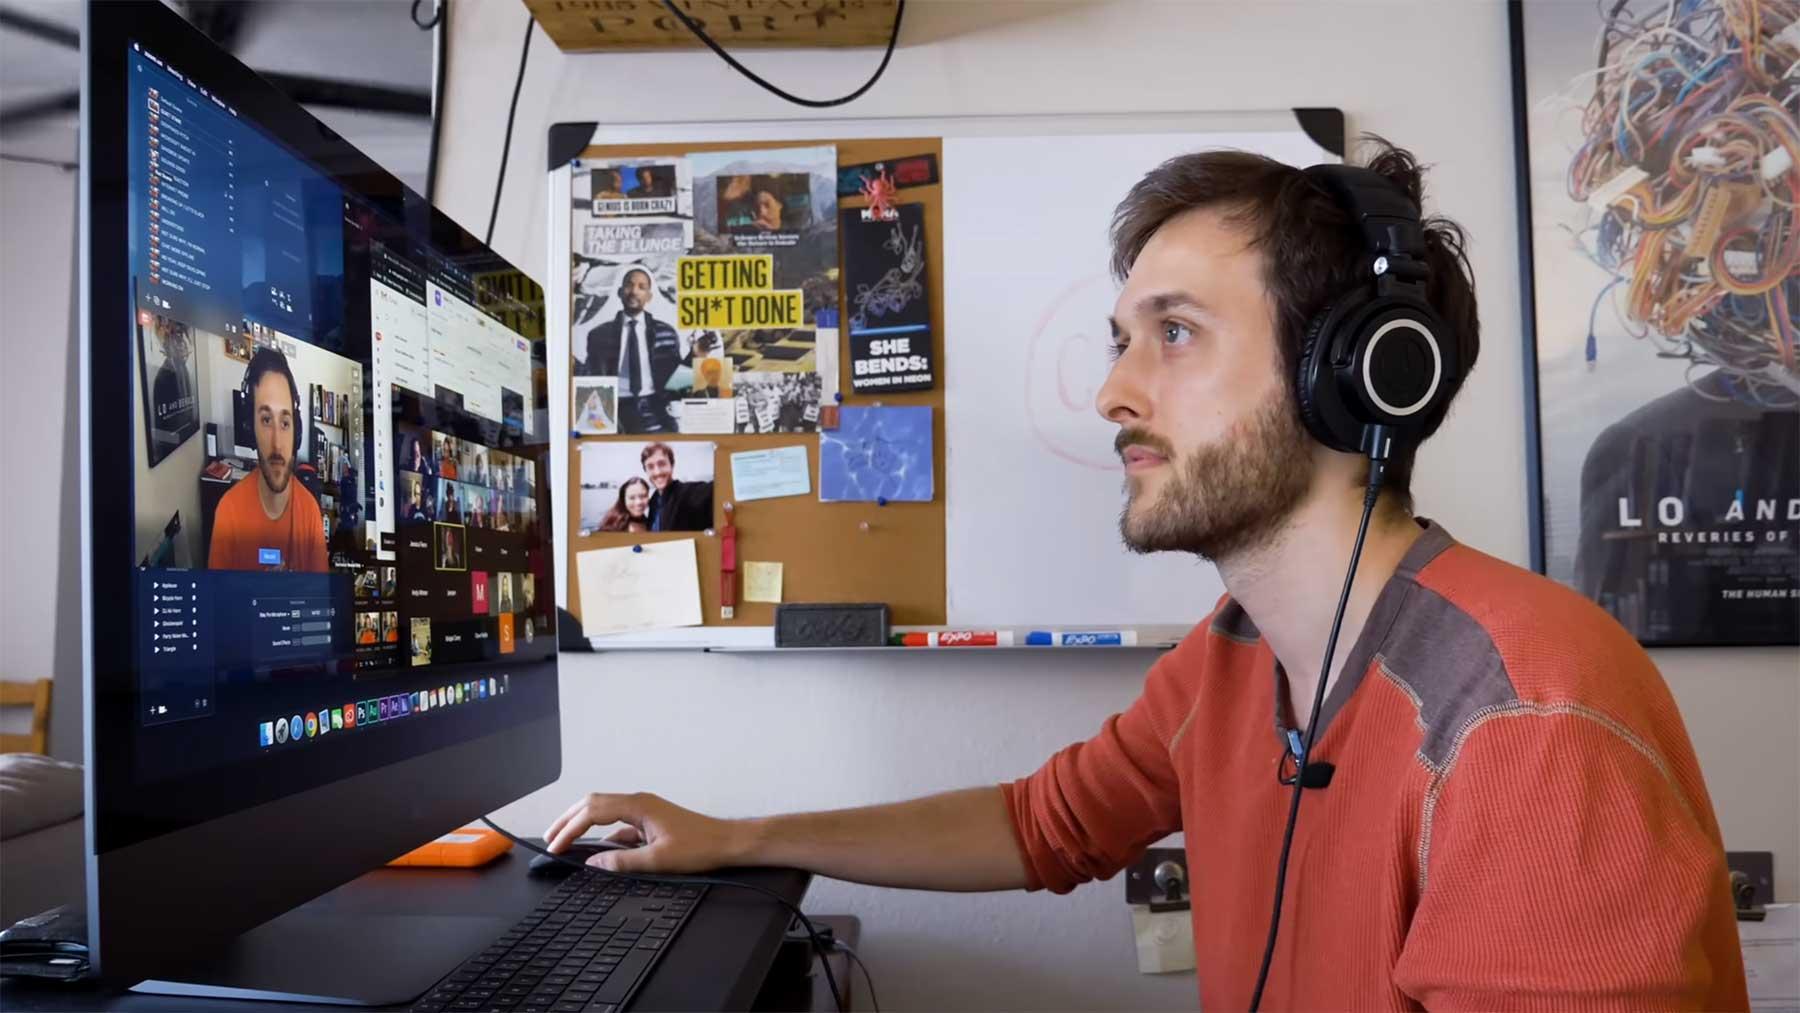 Videokonferenzen mit vorherigen Aufnahmen bestreiten